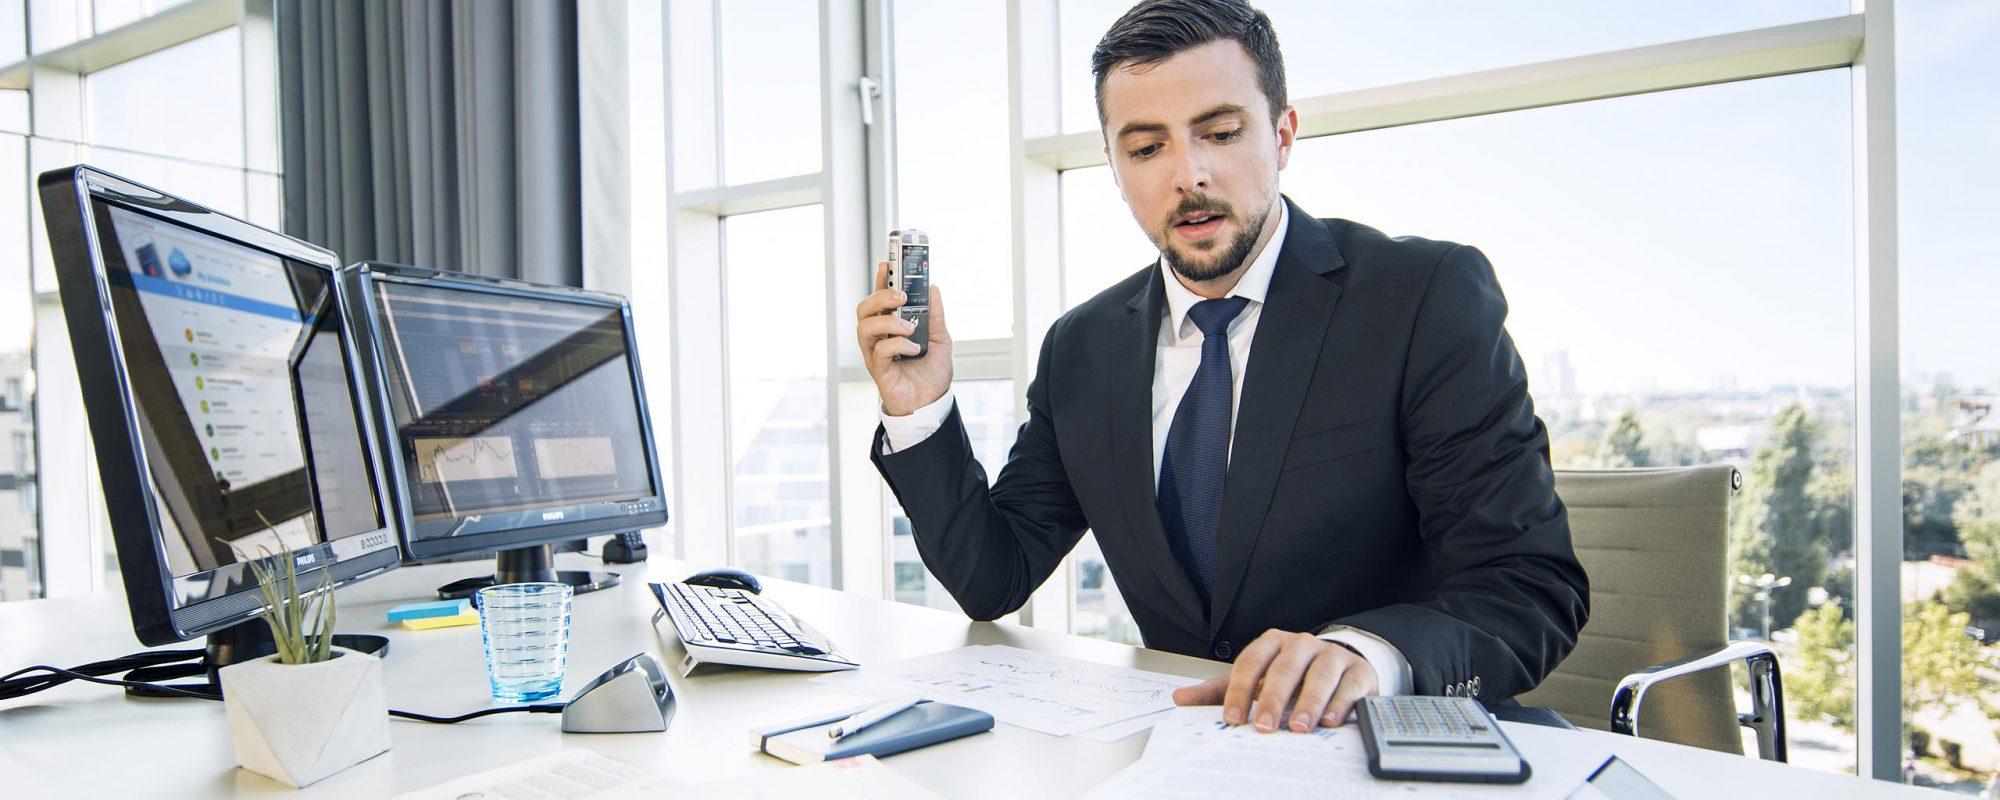 AVT de specialist voor digitaal dicteren en spraakherkenning - dicterende advocaat